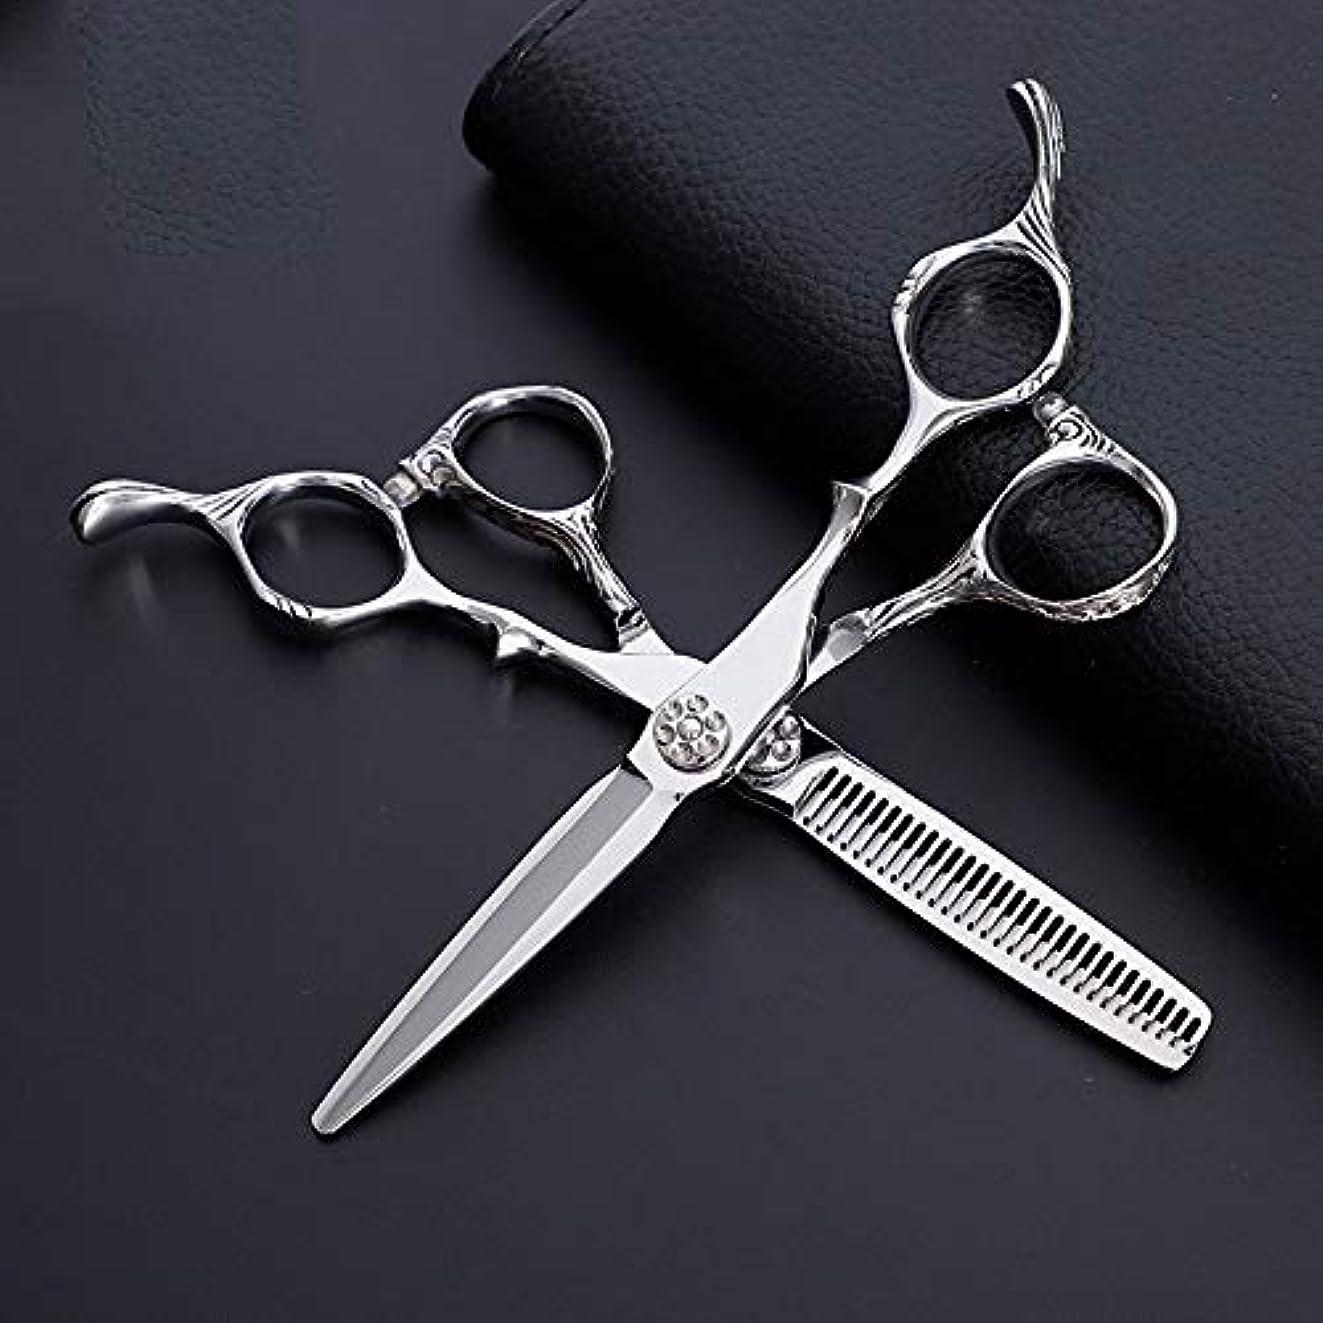 ロンドンストラップ残基6インチ美容院プロフェッショナル理髪セットハイエンド理髪はさみ、フラットはさみ+歯はさみ ヘアケア (色 : Silver)